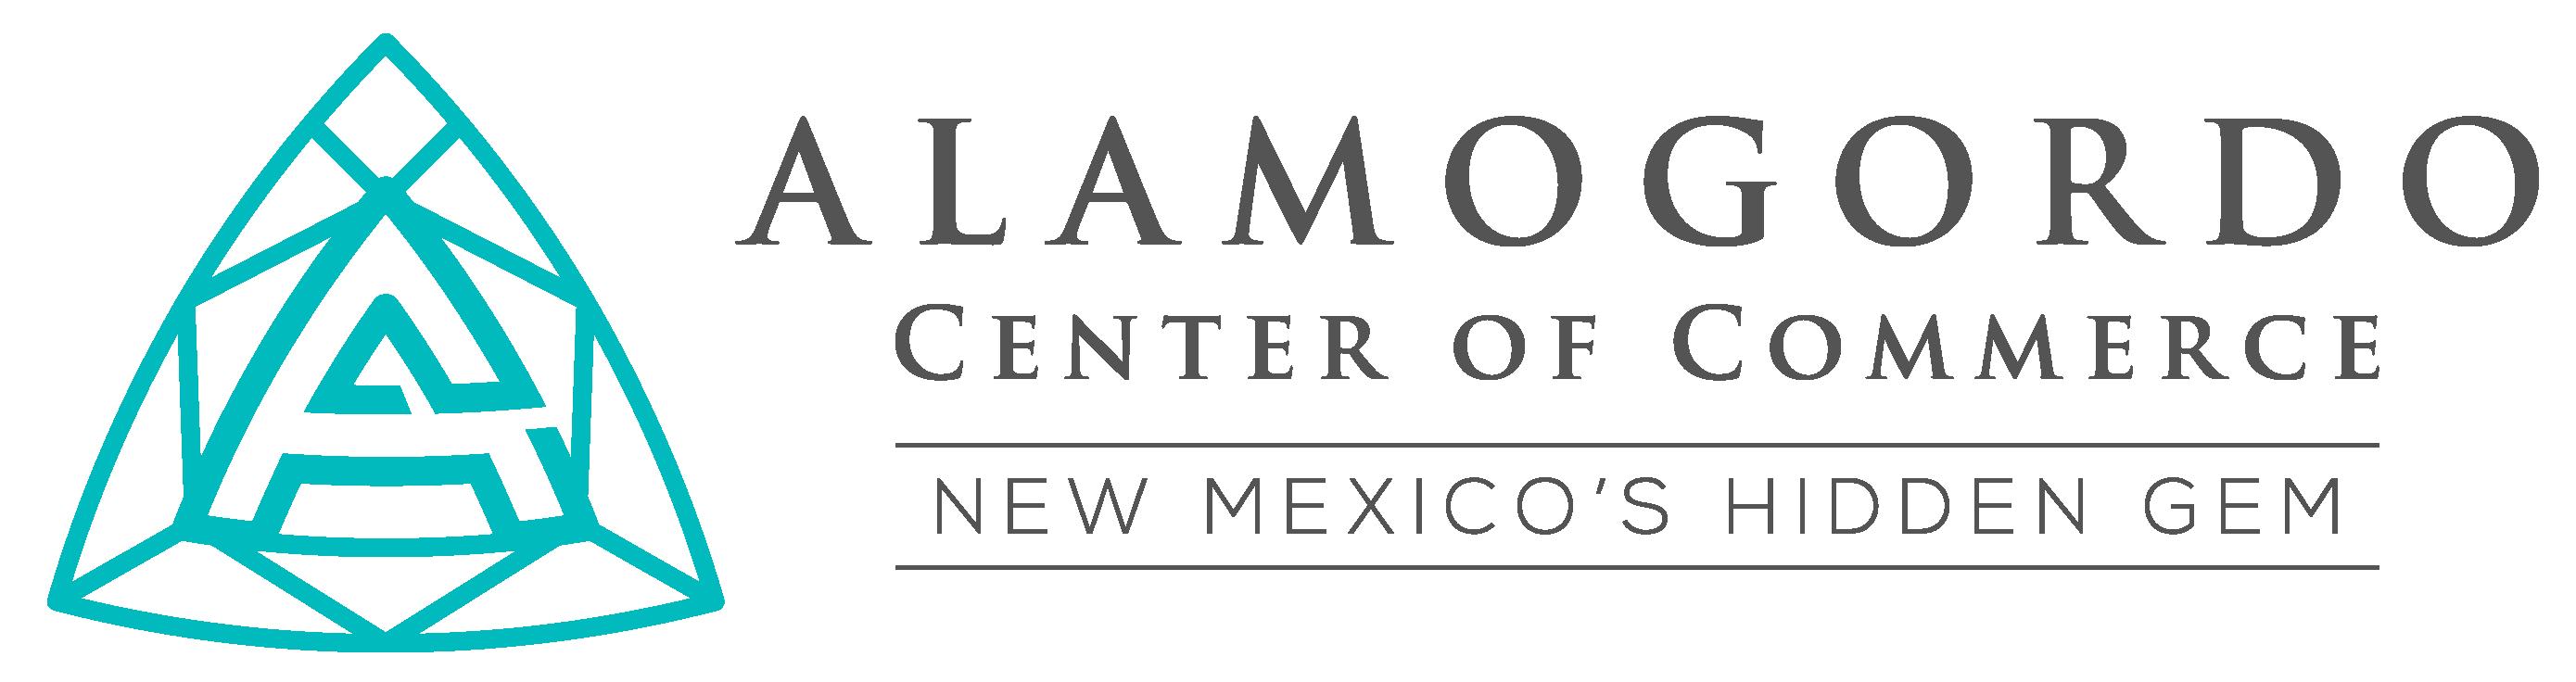 Alamogordo Center of Commerce